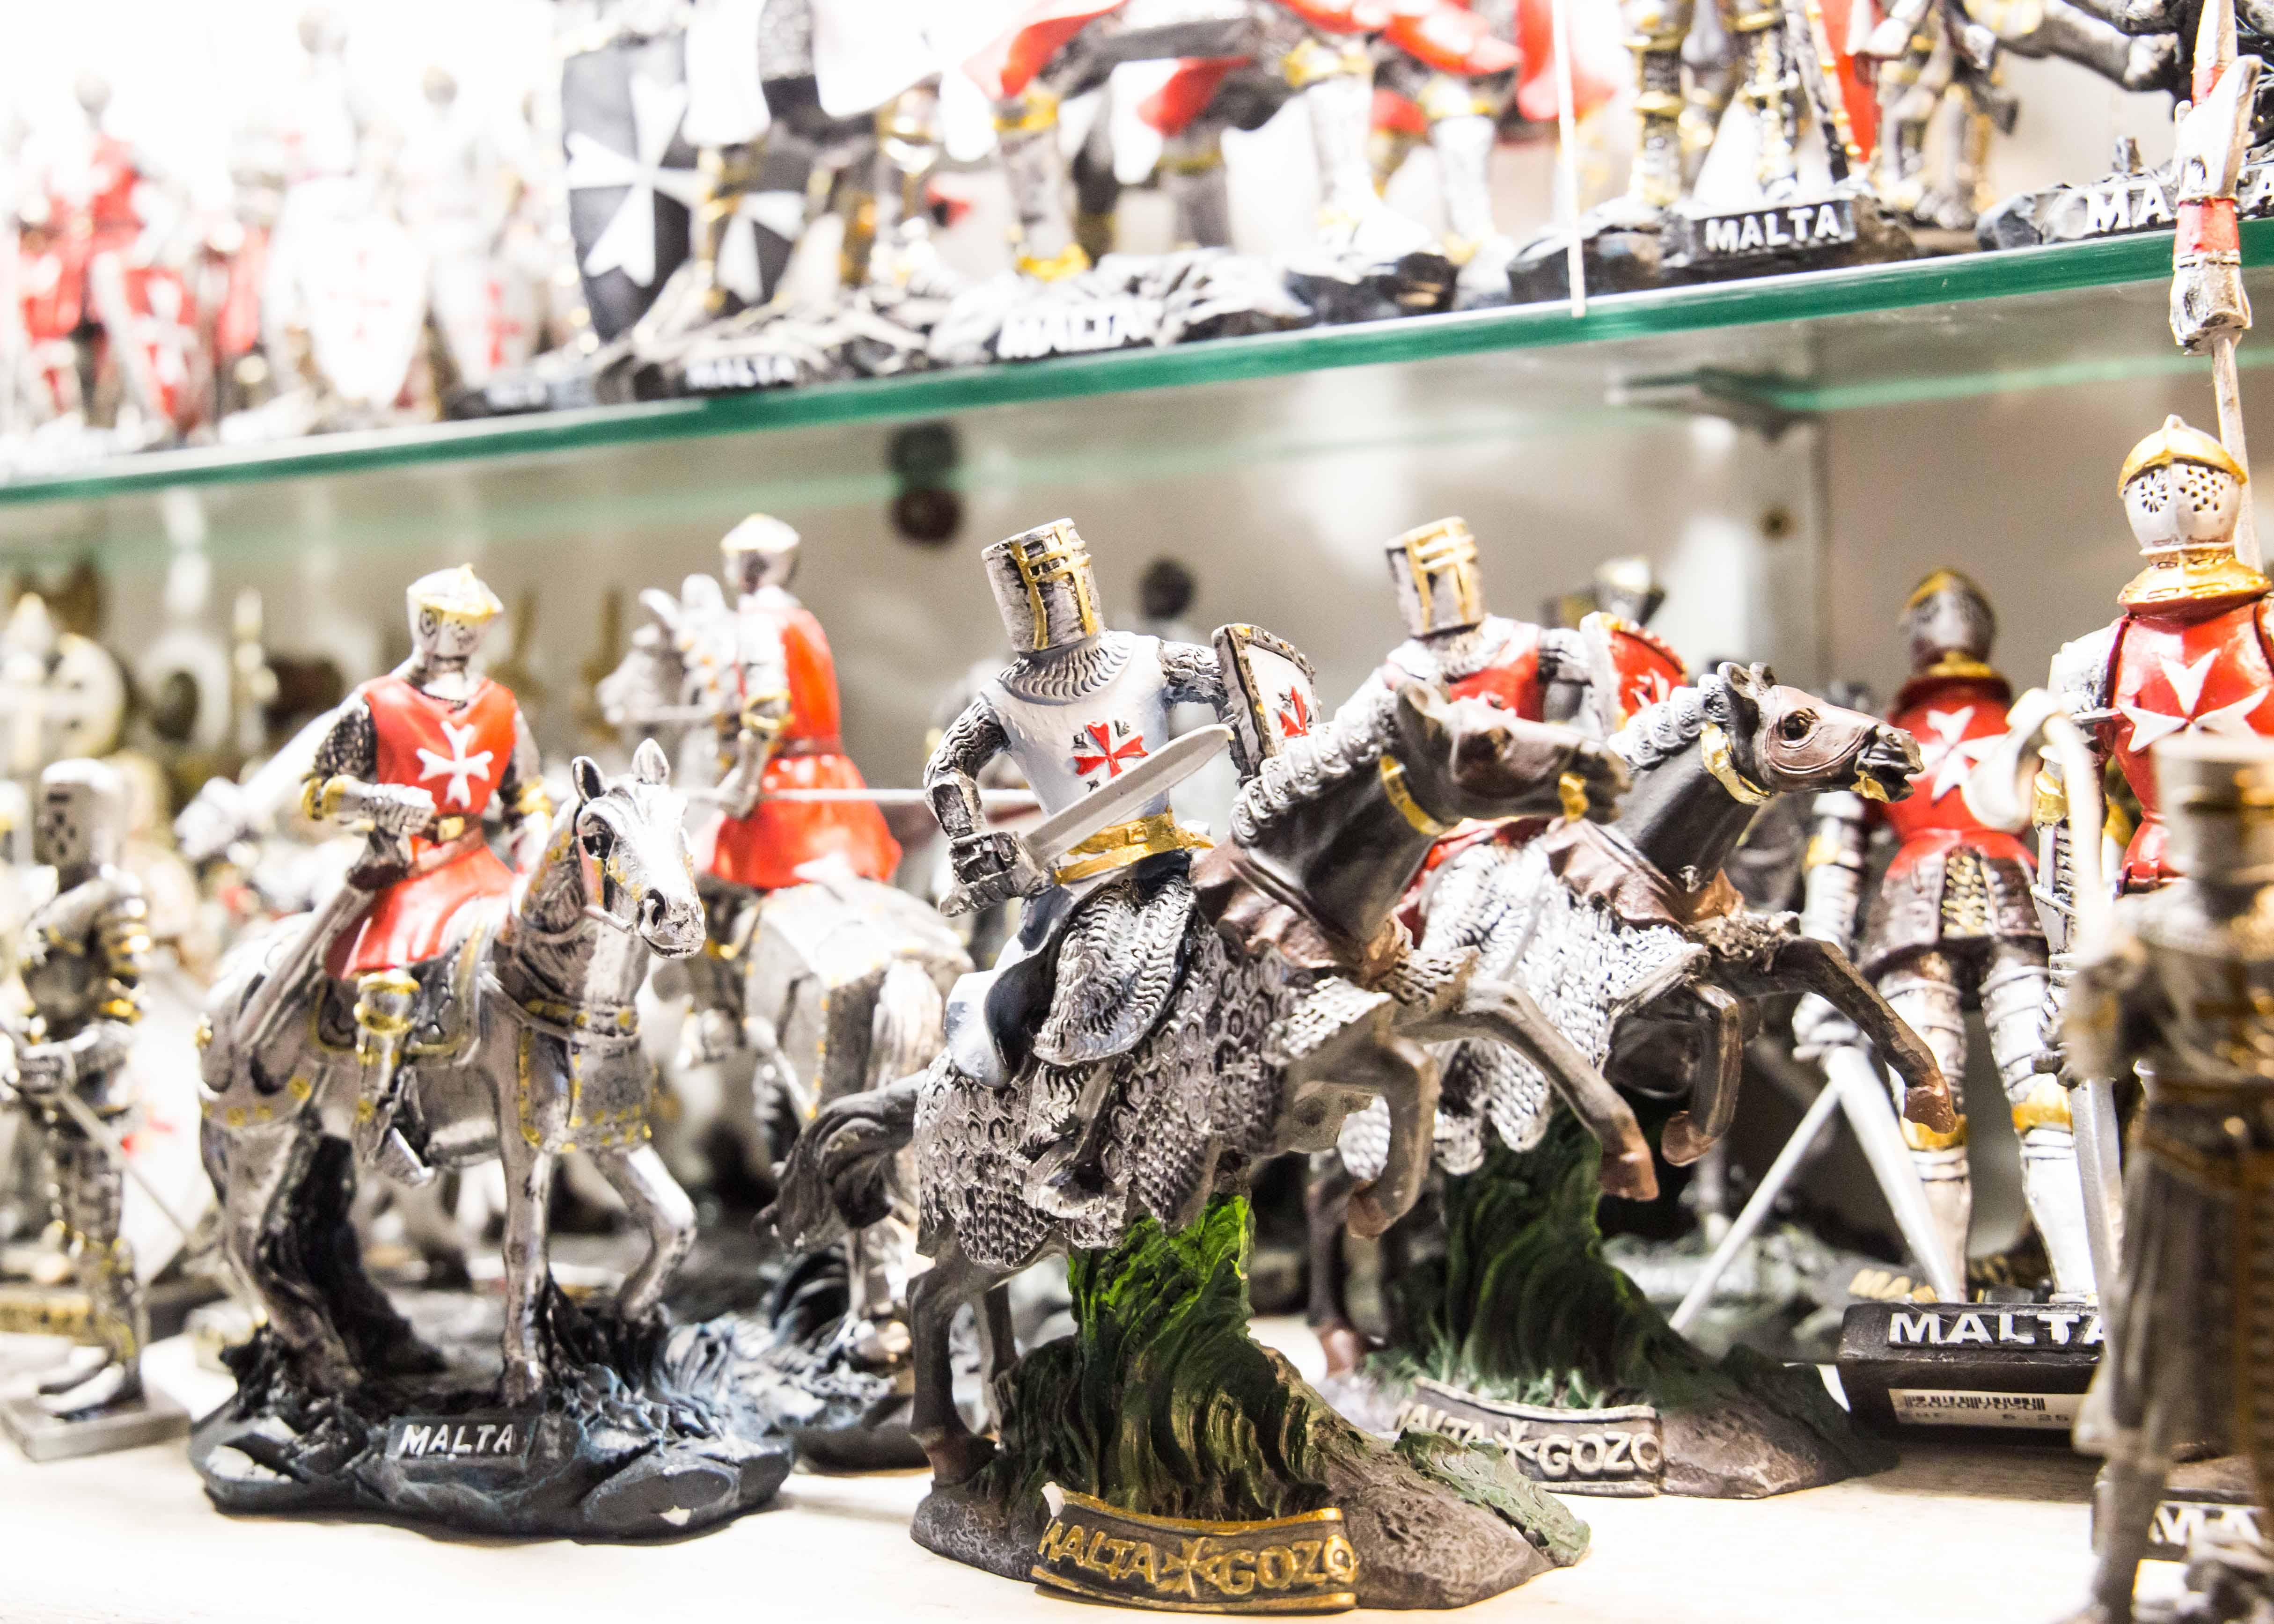 Malta souvenirs: Knight of Malta figurine